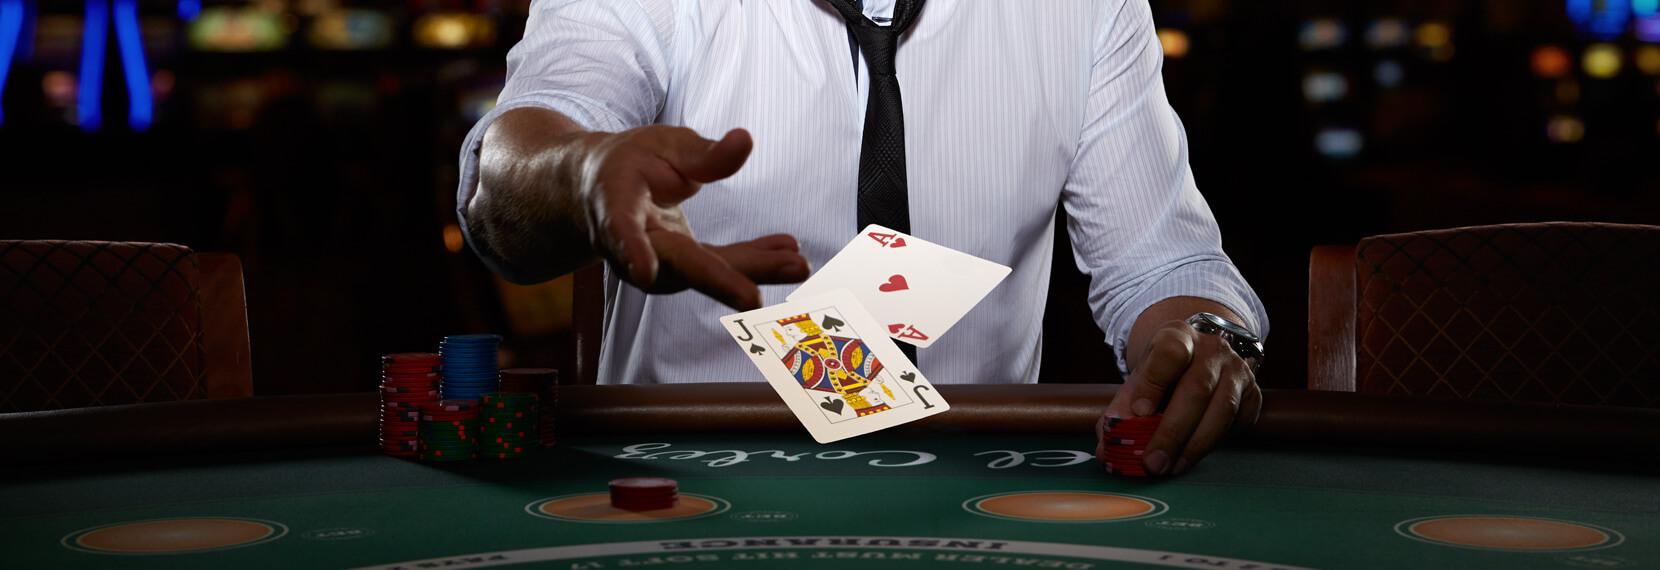 Se donner rendez-vous dans une partie de blackjack